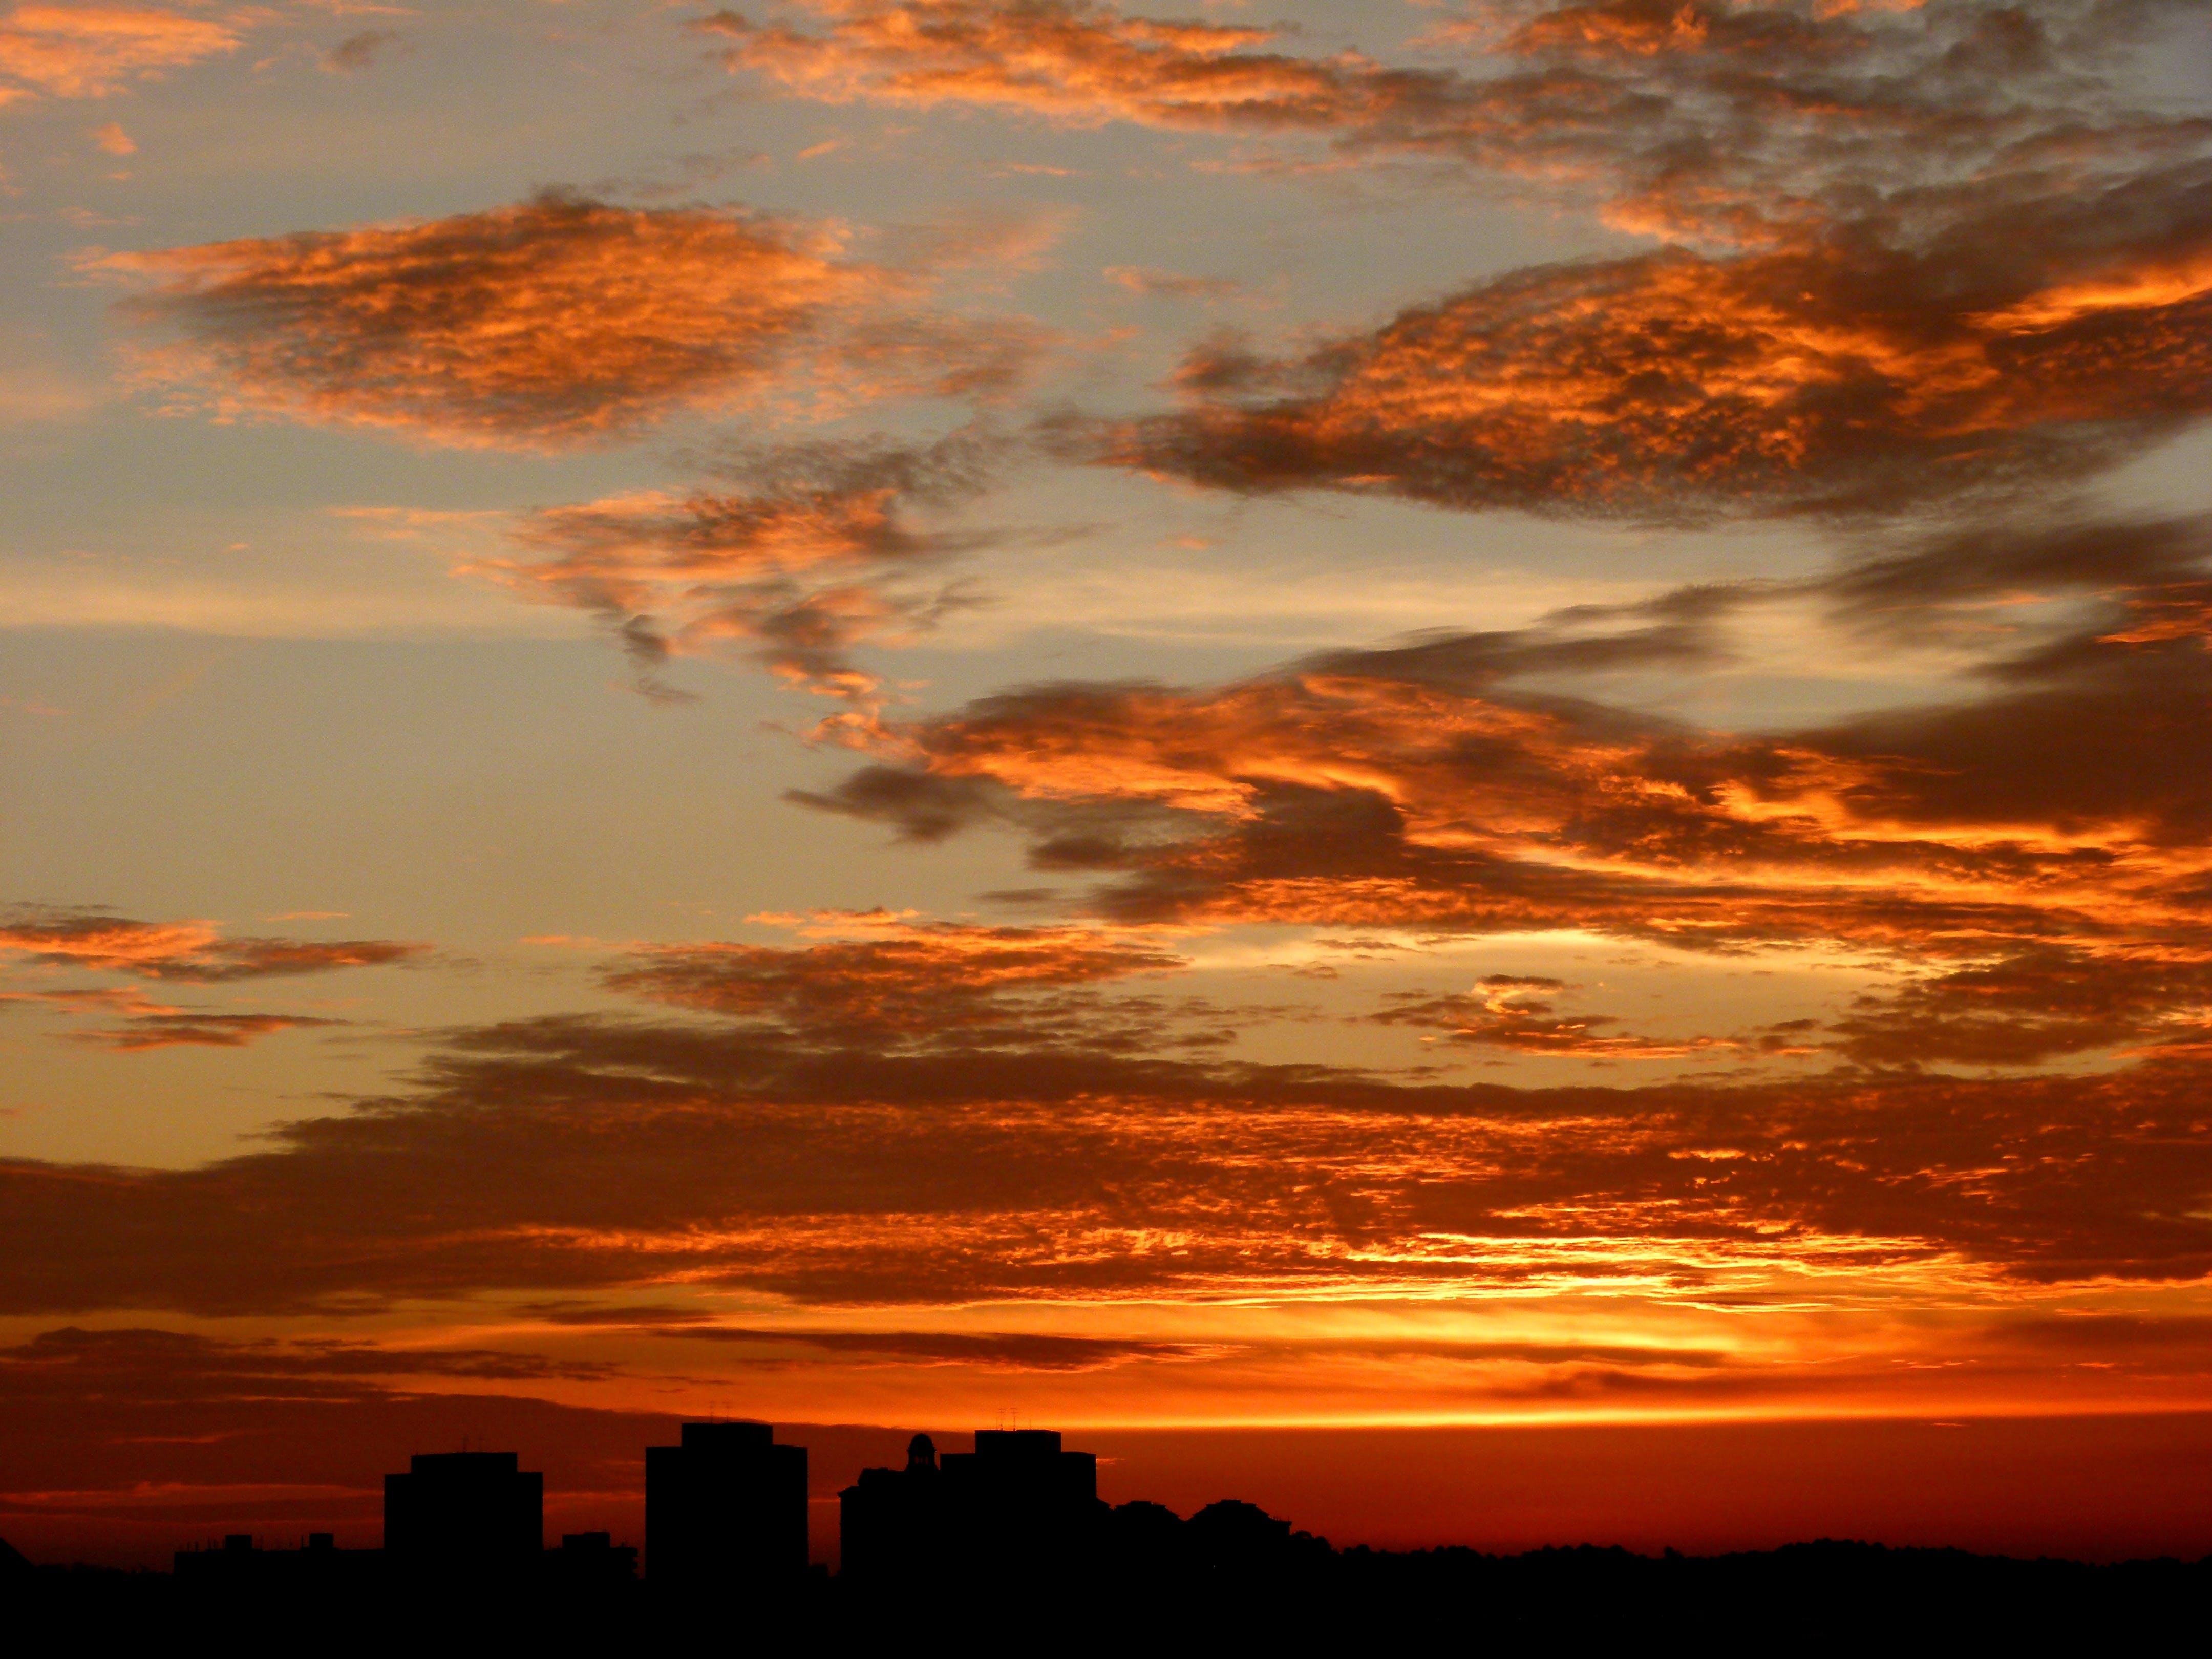 Kostenloses Stock Foto zu dämmerung, gebäude, himmel, silhouette